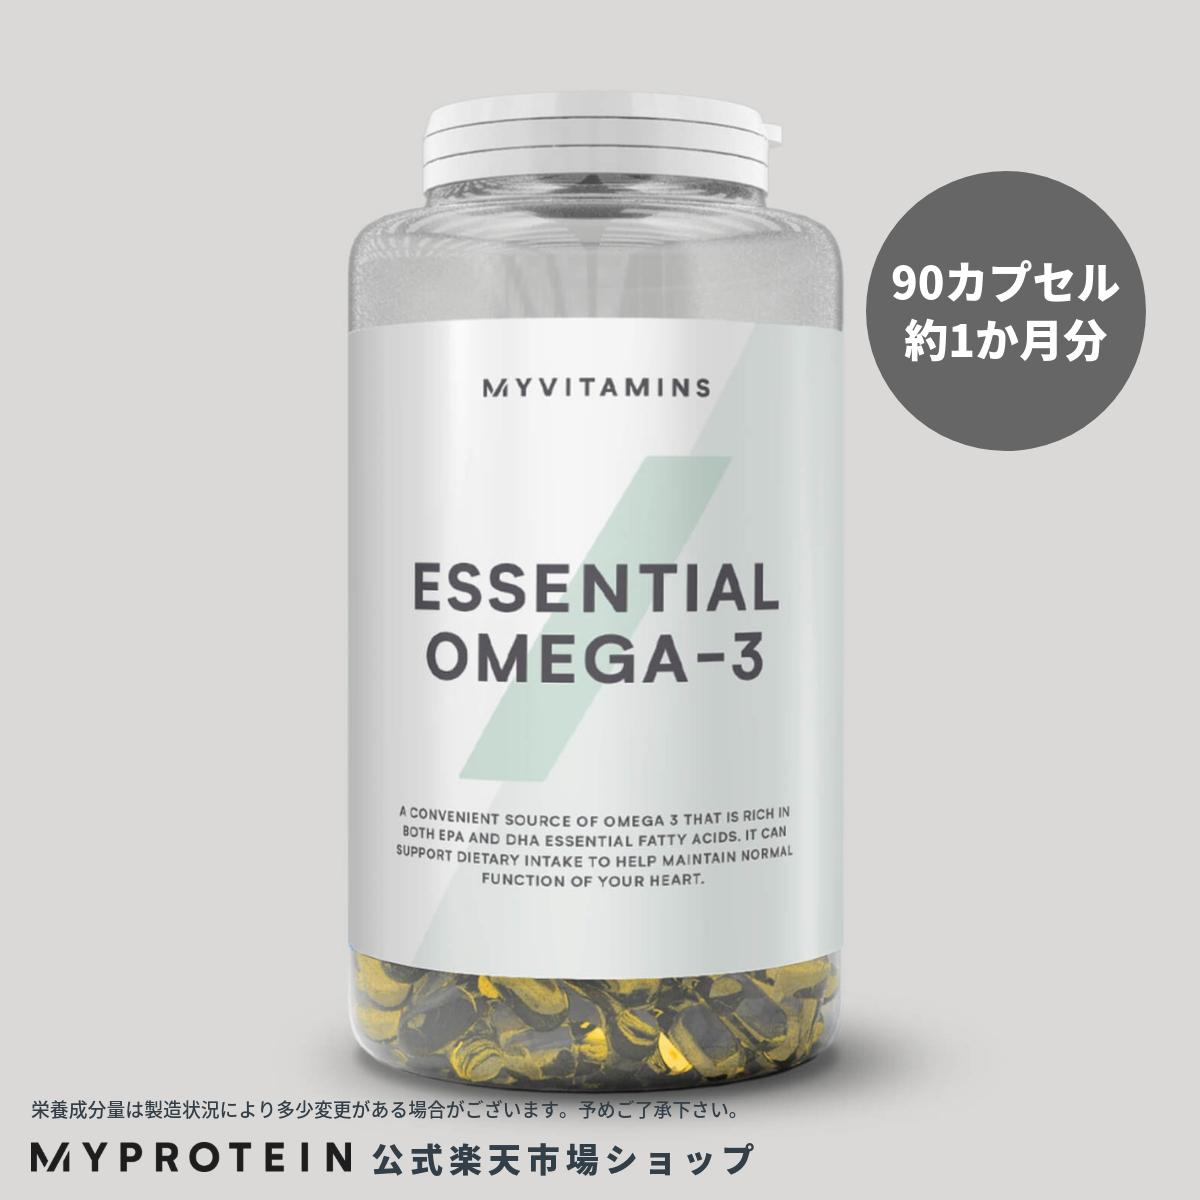 マイプロテイン 公式 【MyProtein】 オメガ3 90カプセル 約1ヶ月分| サプリメント サプリ DHA EPA オメガ 亜麻仁油 フィッシュオイル 必須脂肪酸 栄養補助 健康サプリ ダイエットサプリ ダイエットサプリメント 【楽天海外直送】